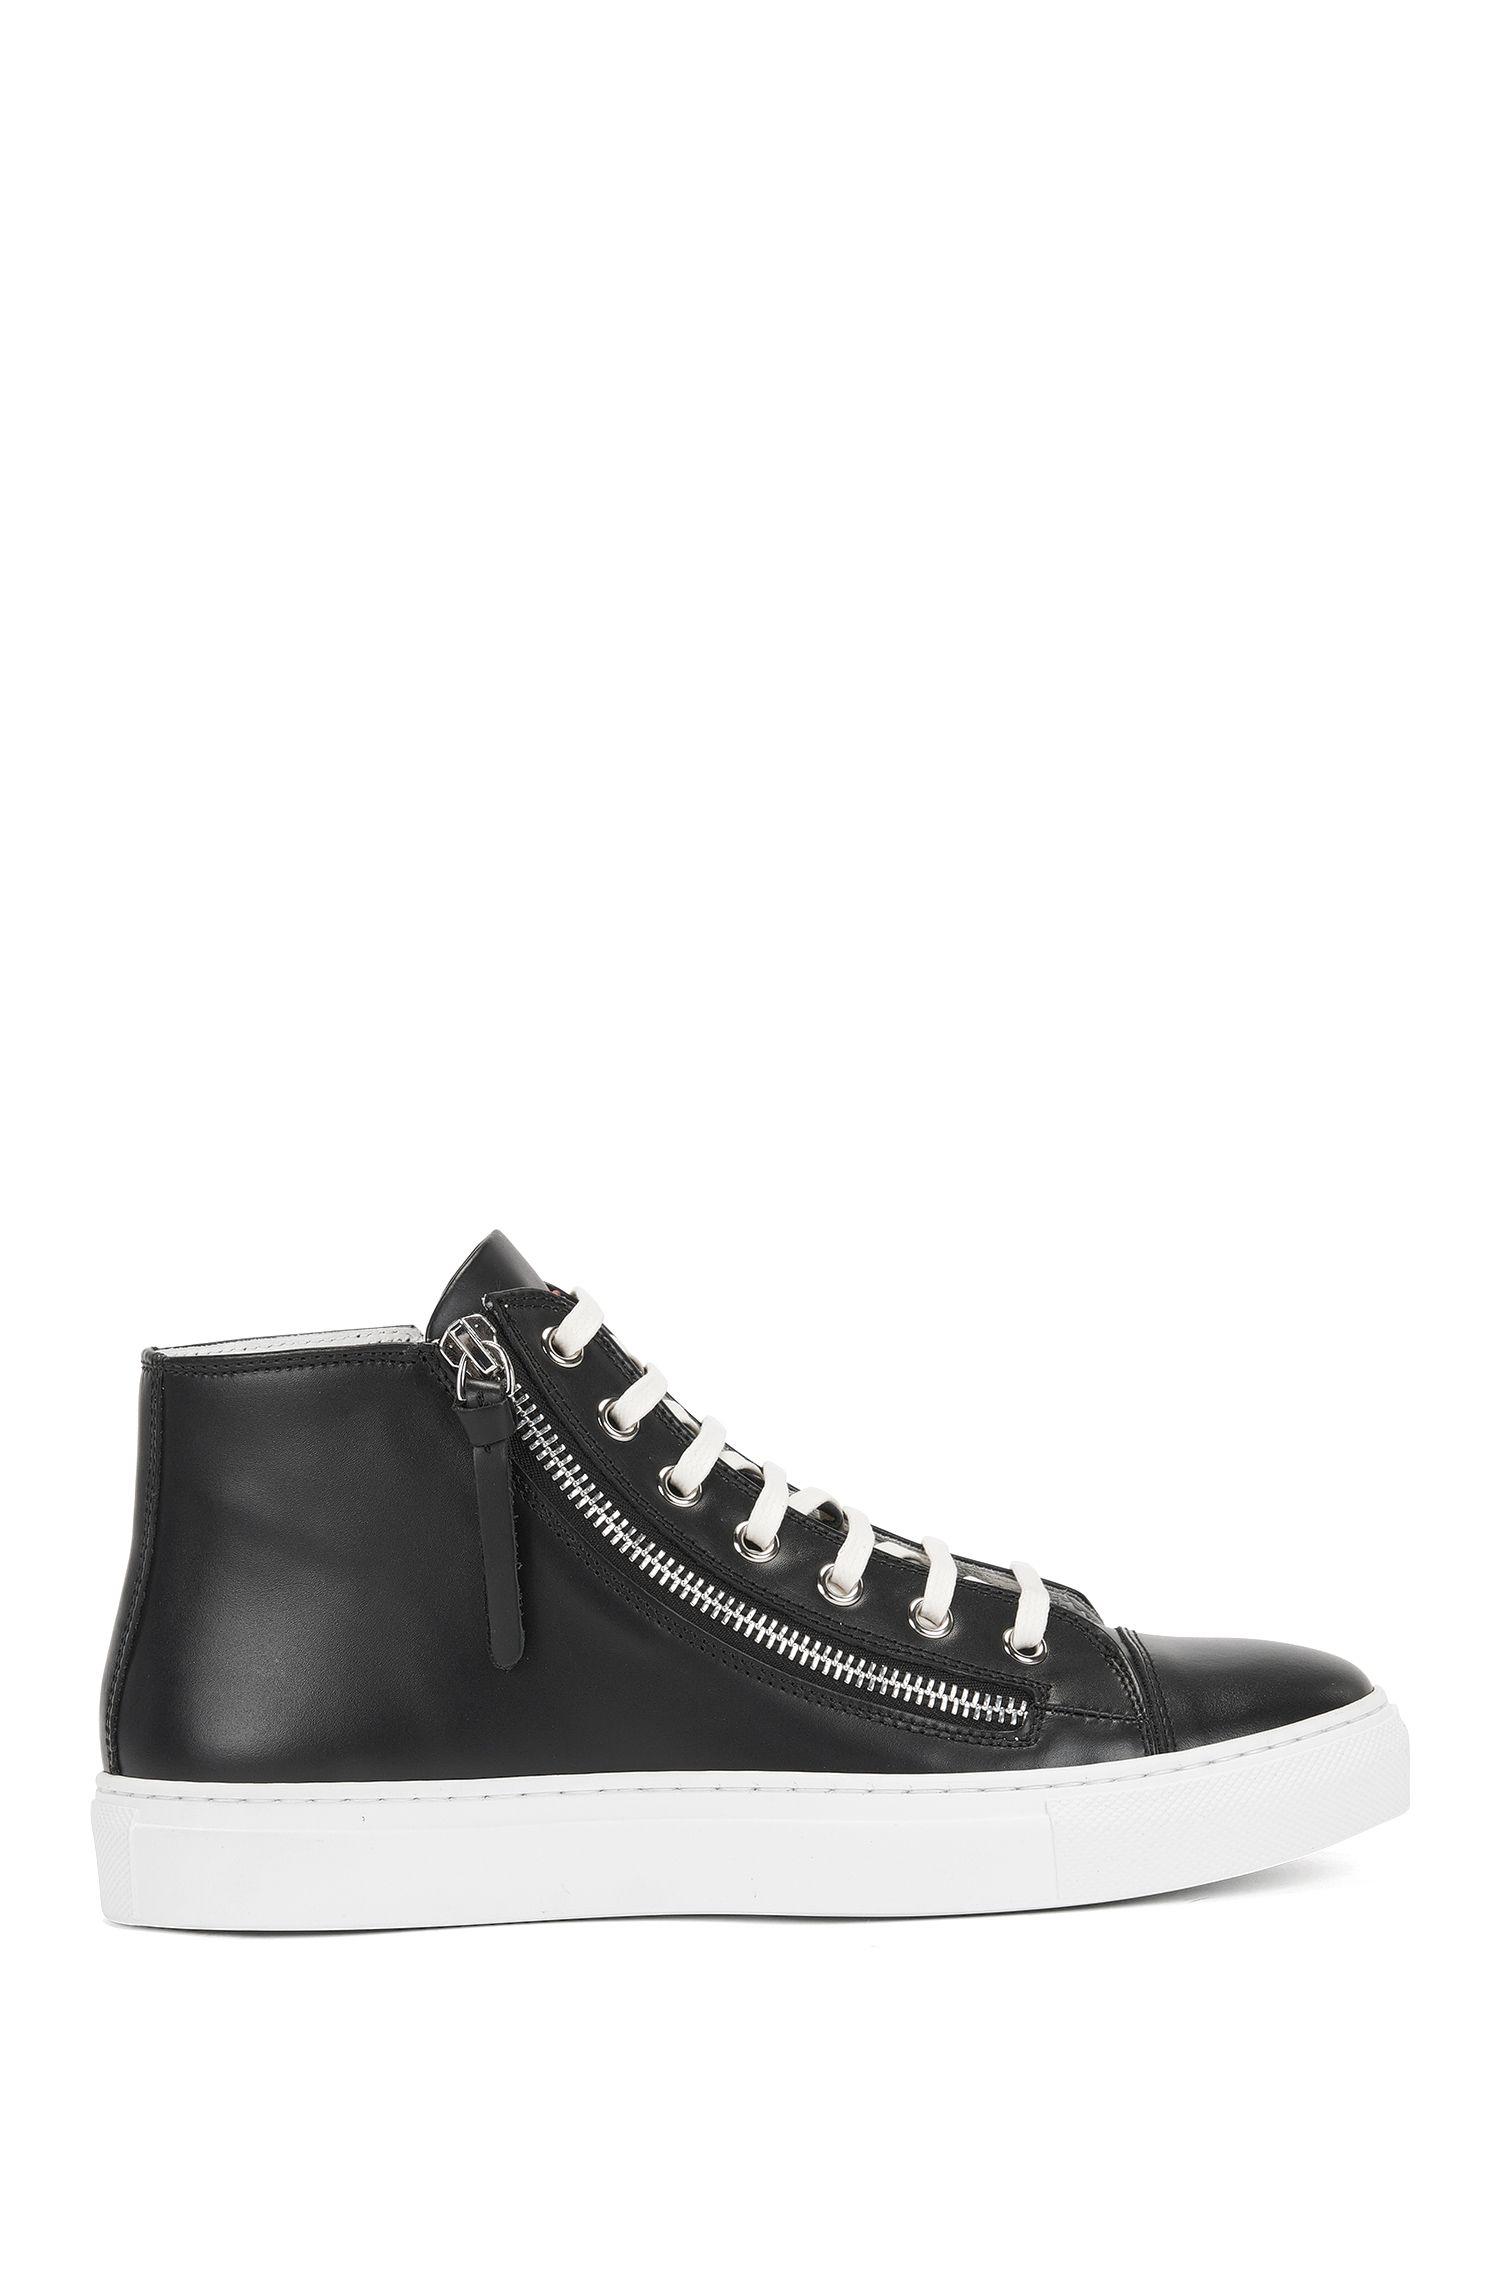 Hightop Sneakers aus italienischem Leder mit Reißverschluss, Schwarz